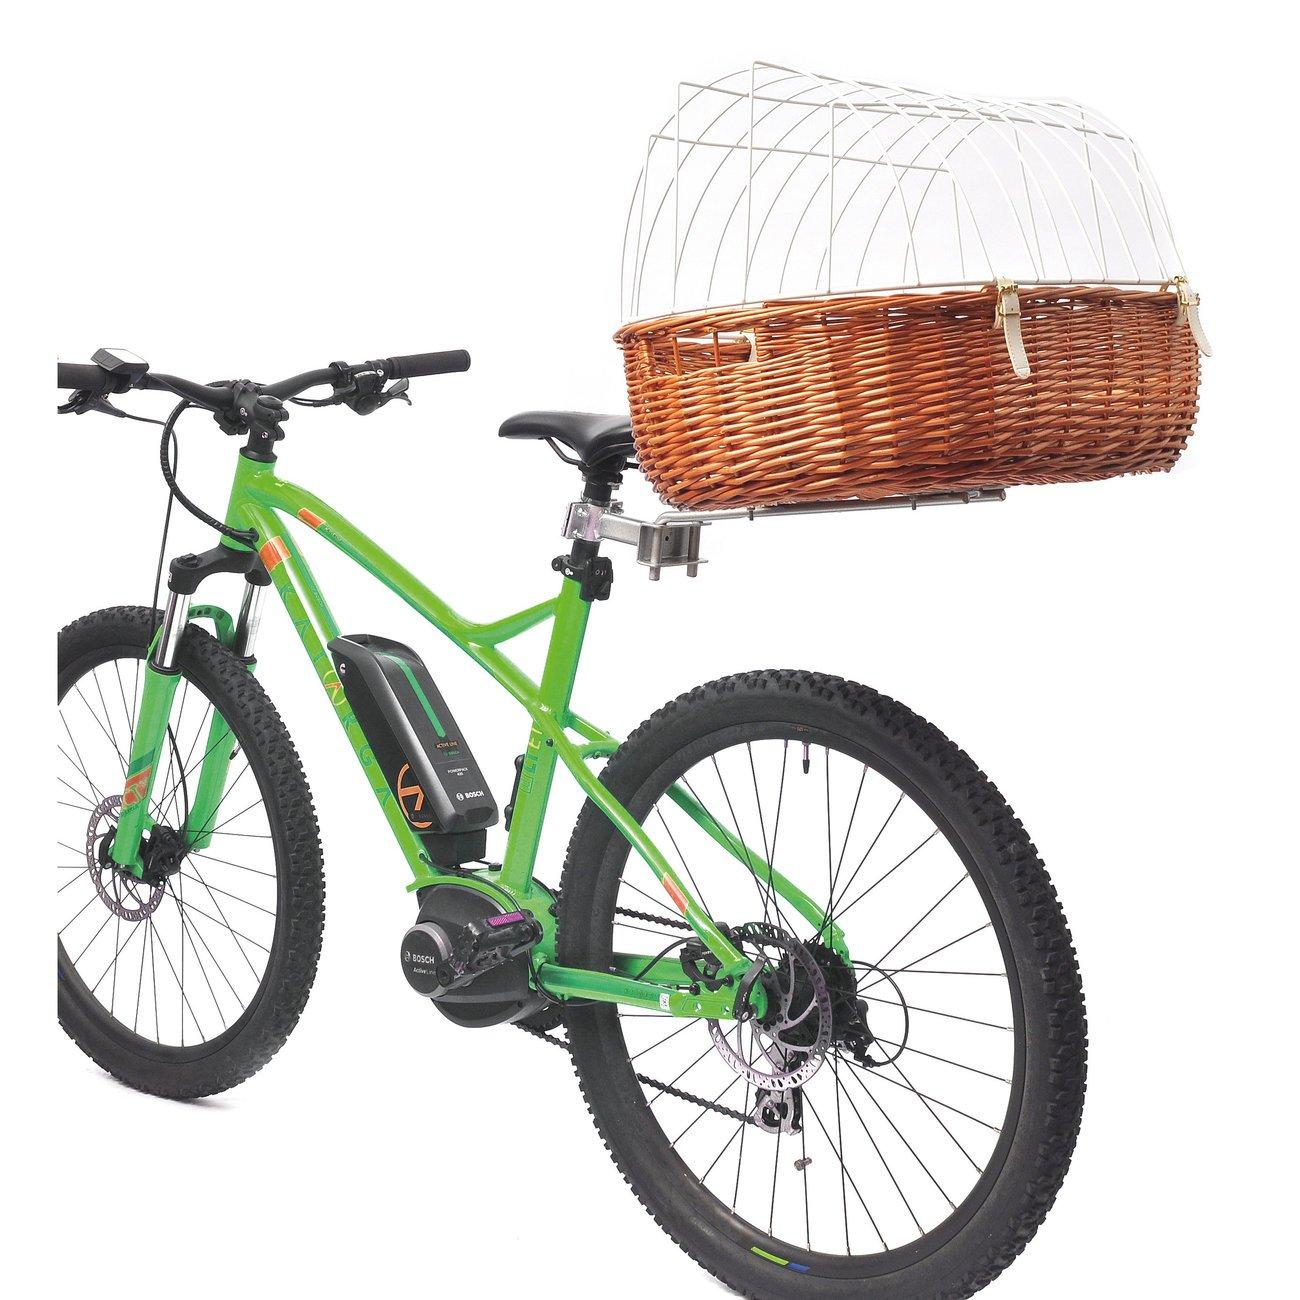 Aumüller Hunde Fahrradkorb für Gepäckträger, L: 52 x 38 x 18/40 cm, gesotten